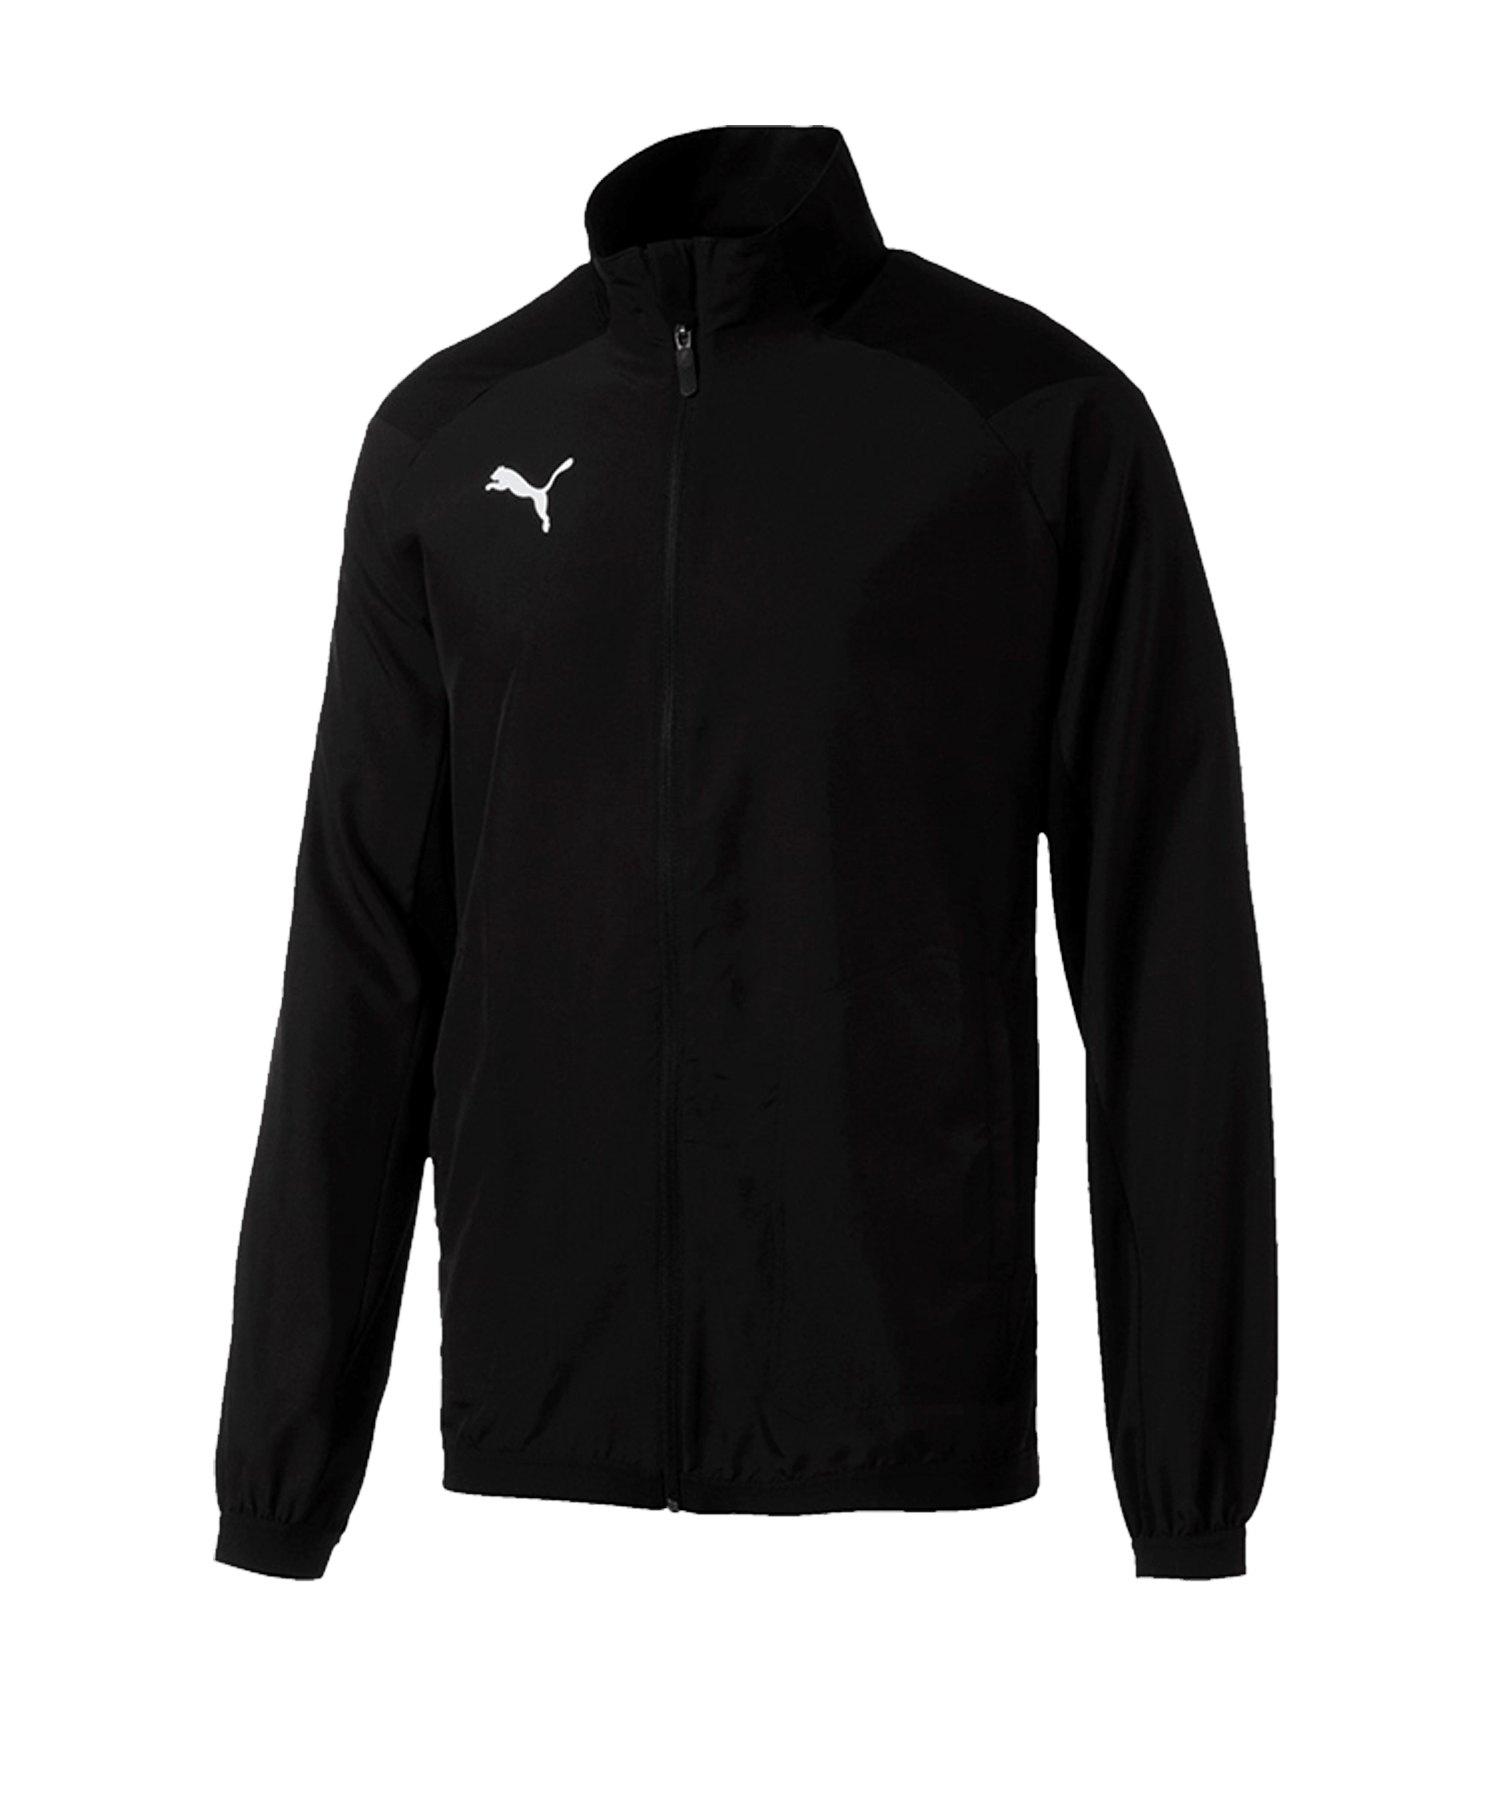 PUMA LIGA Sideline Jacket Jacke Schwarz Weiss F03 - schwarz